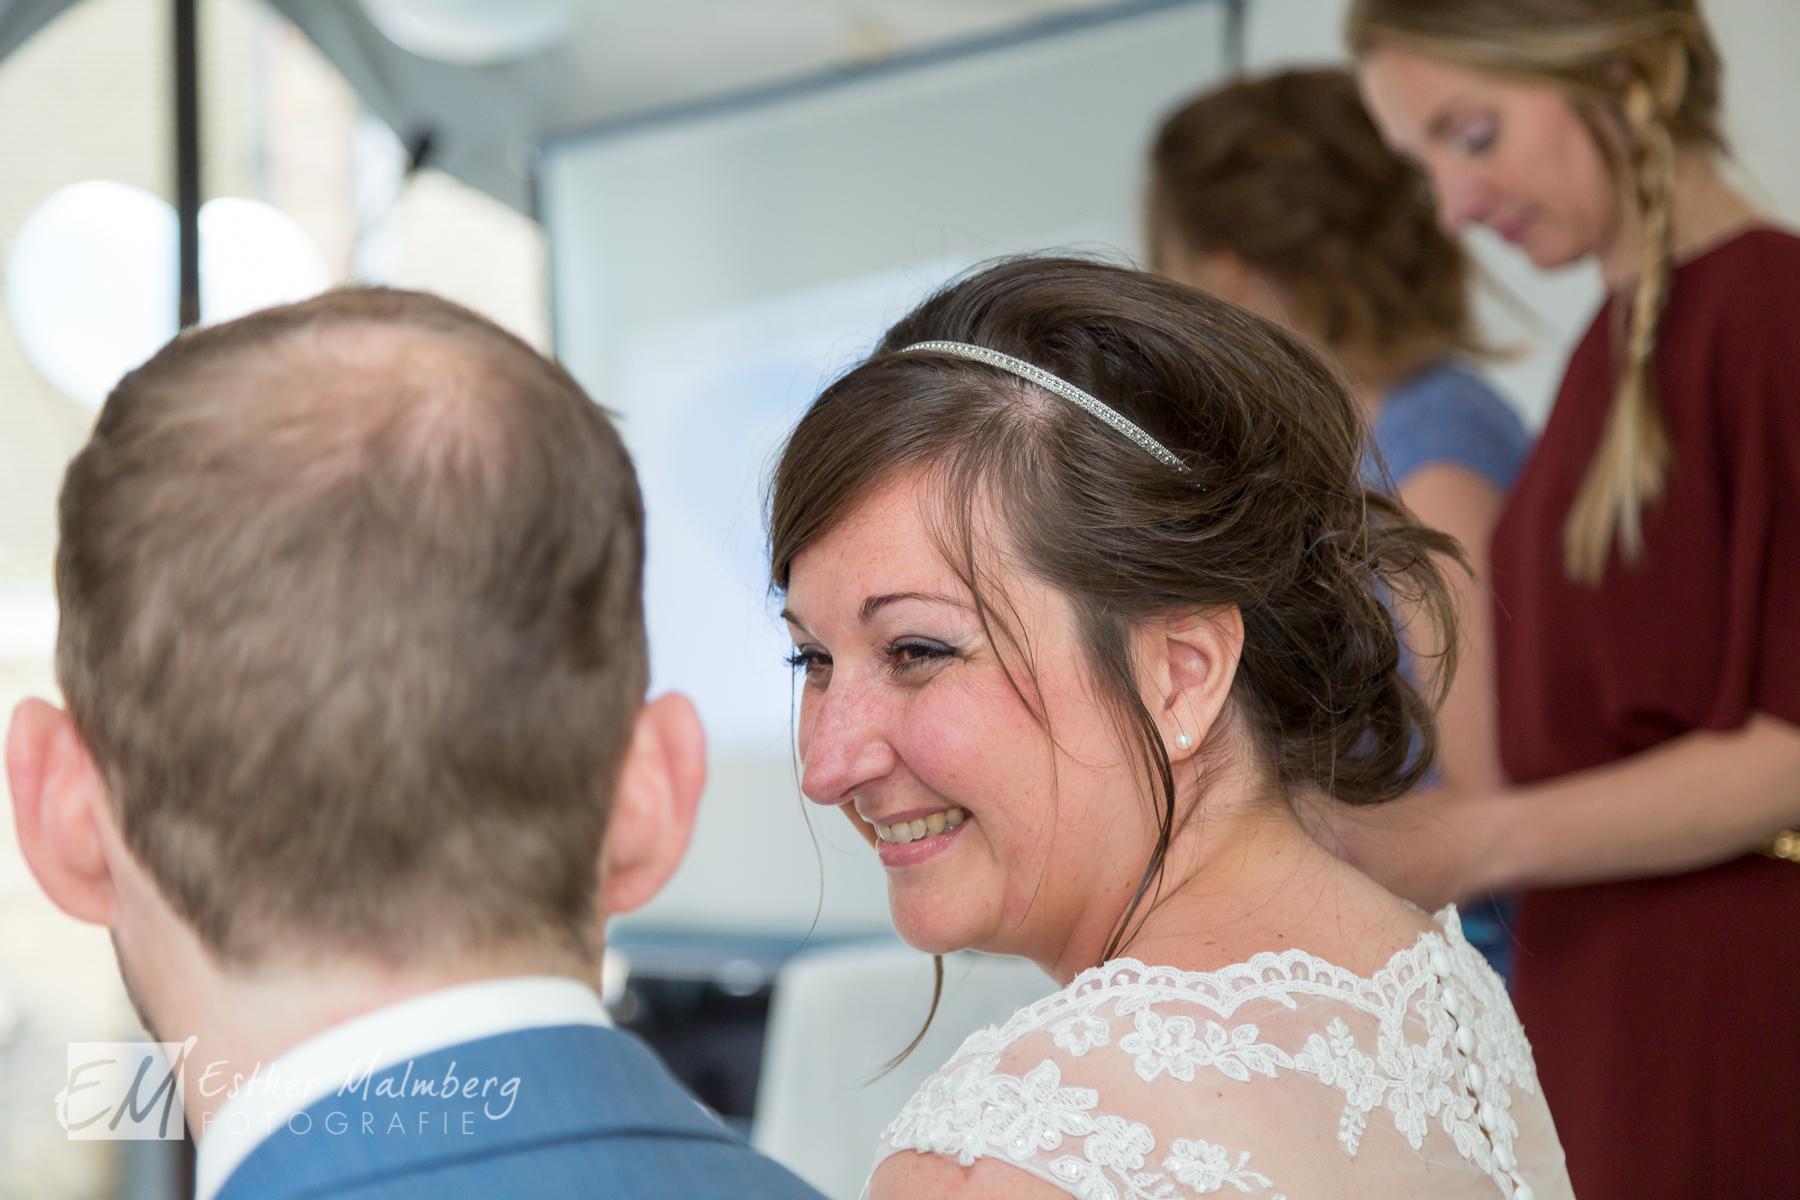 Veelzeggende blik bruid naar bruidegom tijdens huwelijksvoltrekking in Museumtuin Gouda Esther Malmberg Fotografie